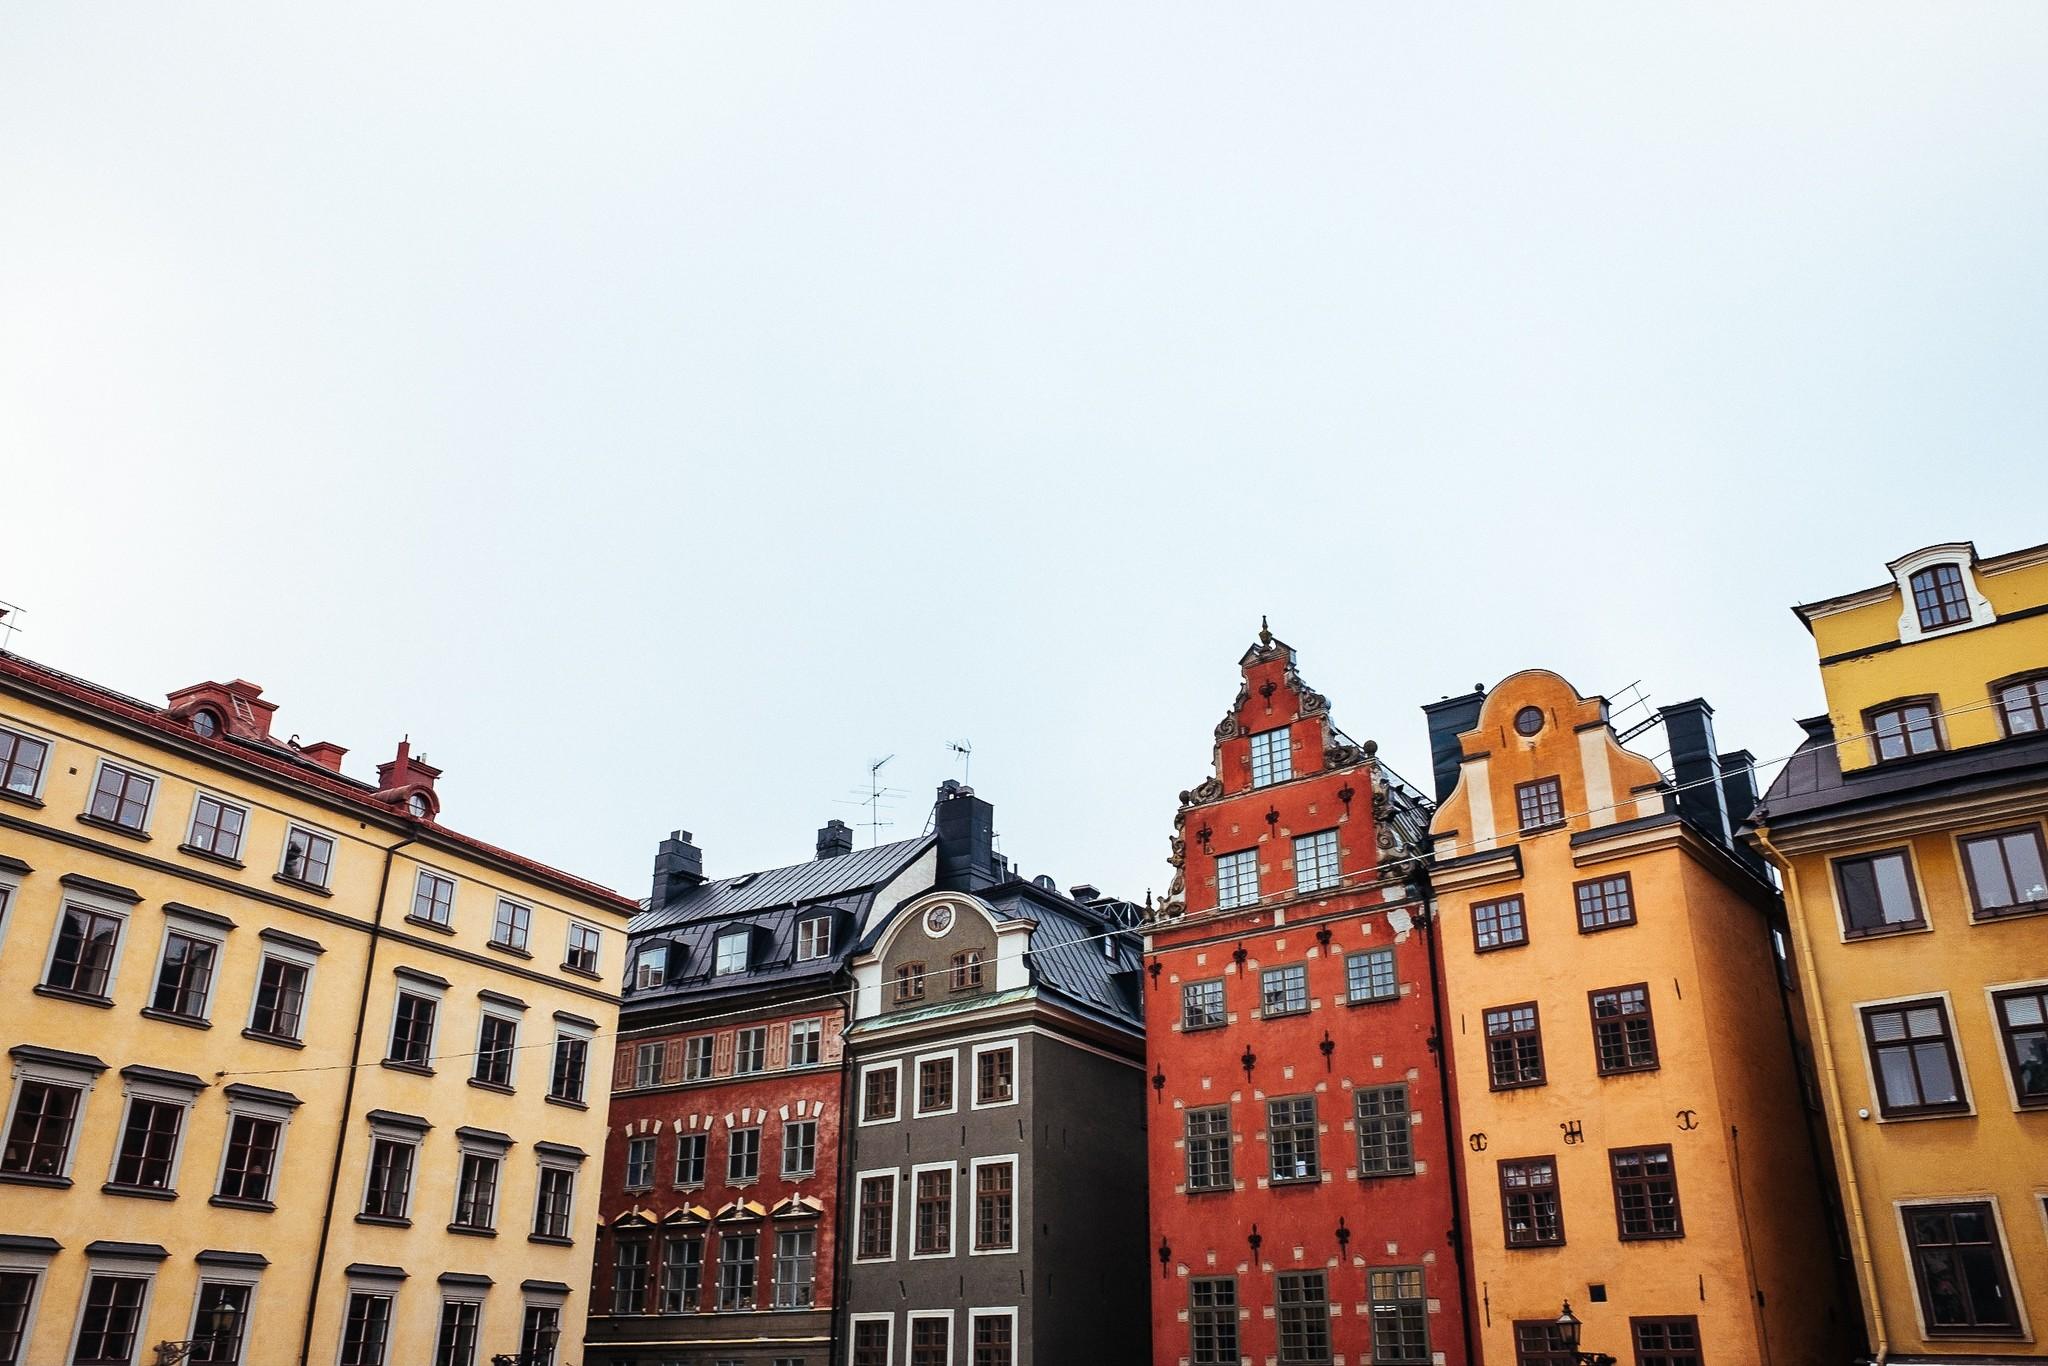 ノーベル賞授賞式の晩餐会のブレンドティー The Tea Centre of Stockholm